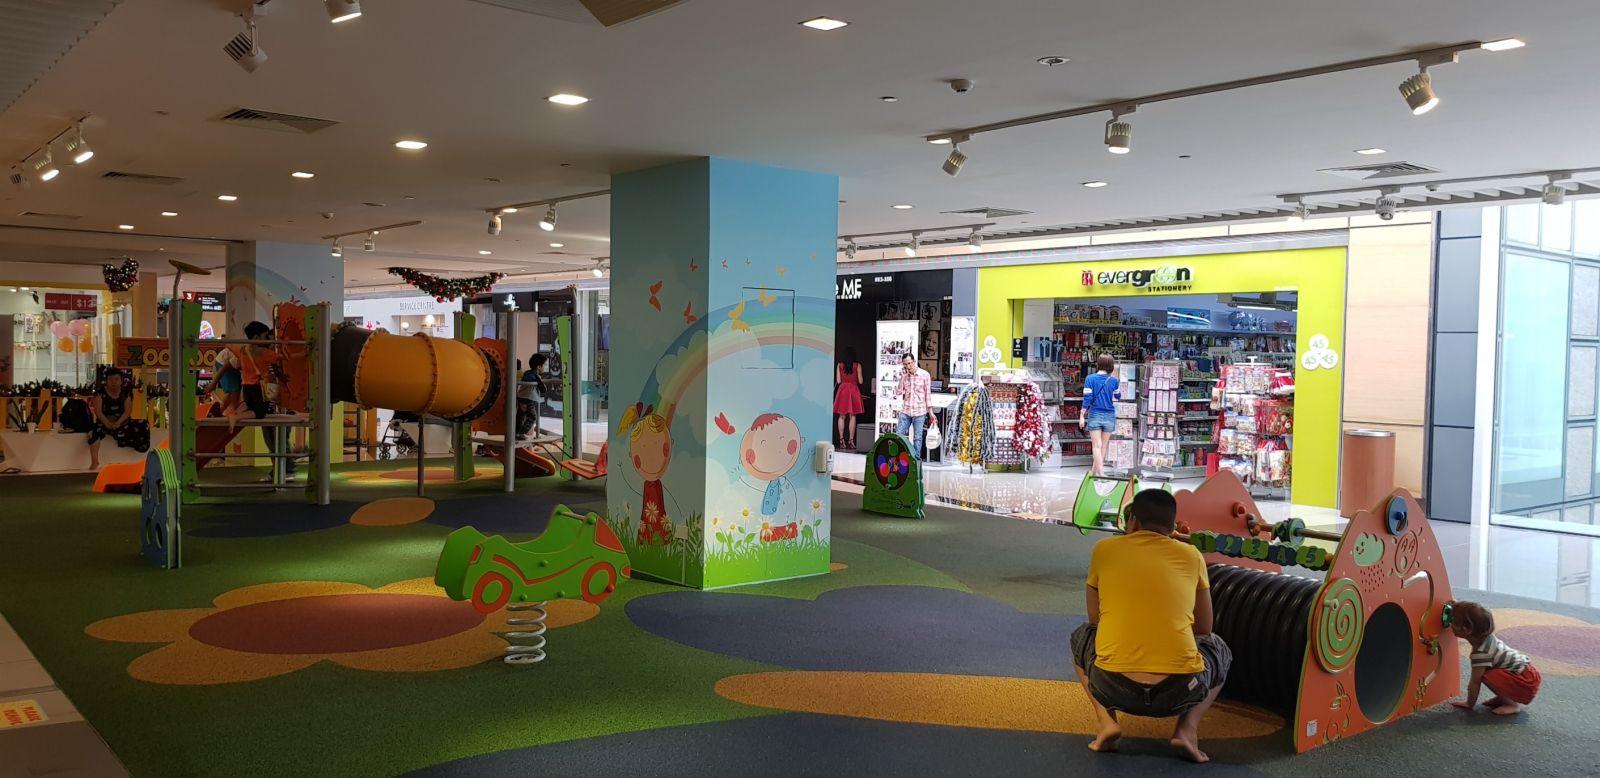 parque-infantil-suelo-goma-seguridad-certificado